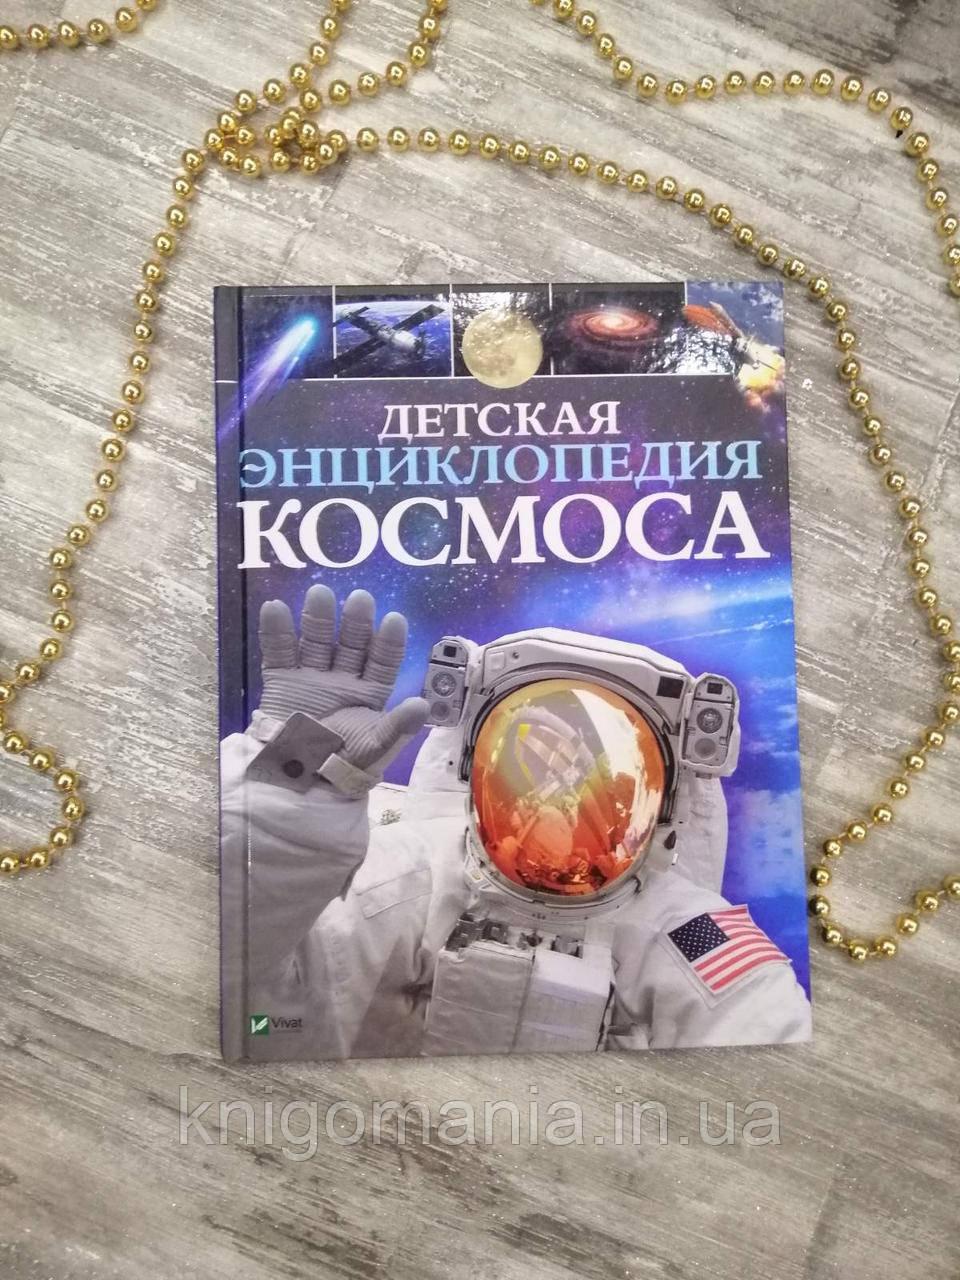 Детская энциклопедия космоса. Сперроу Джайлс